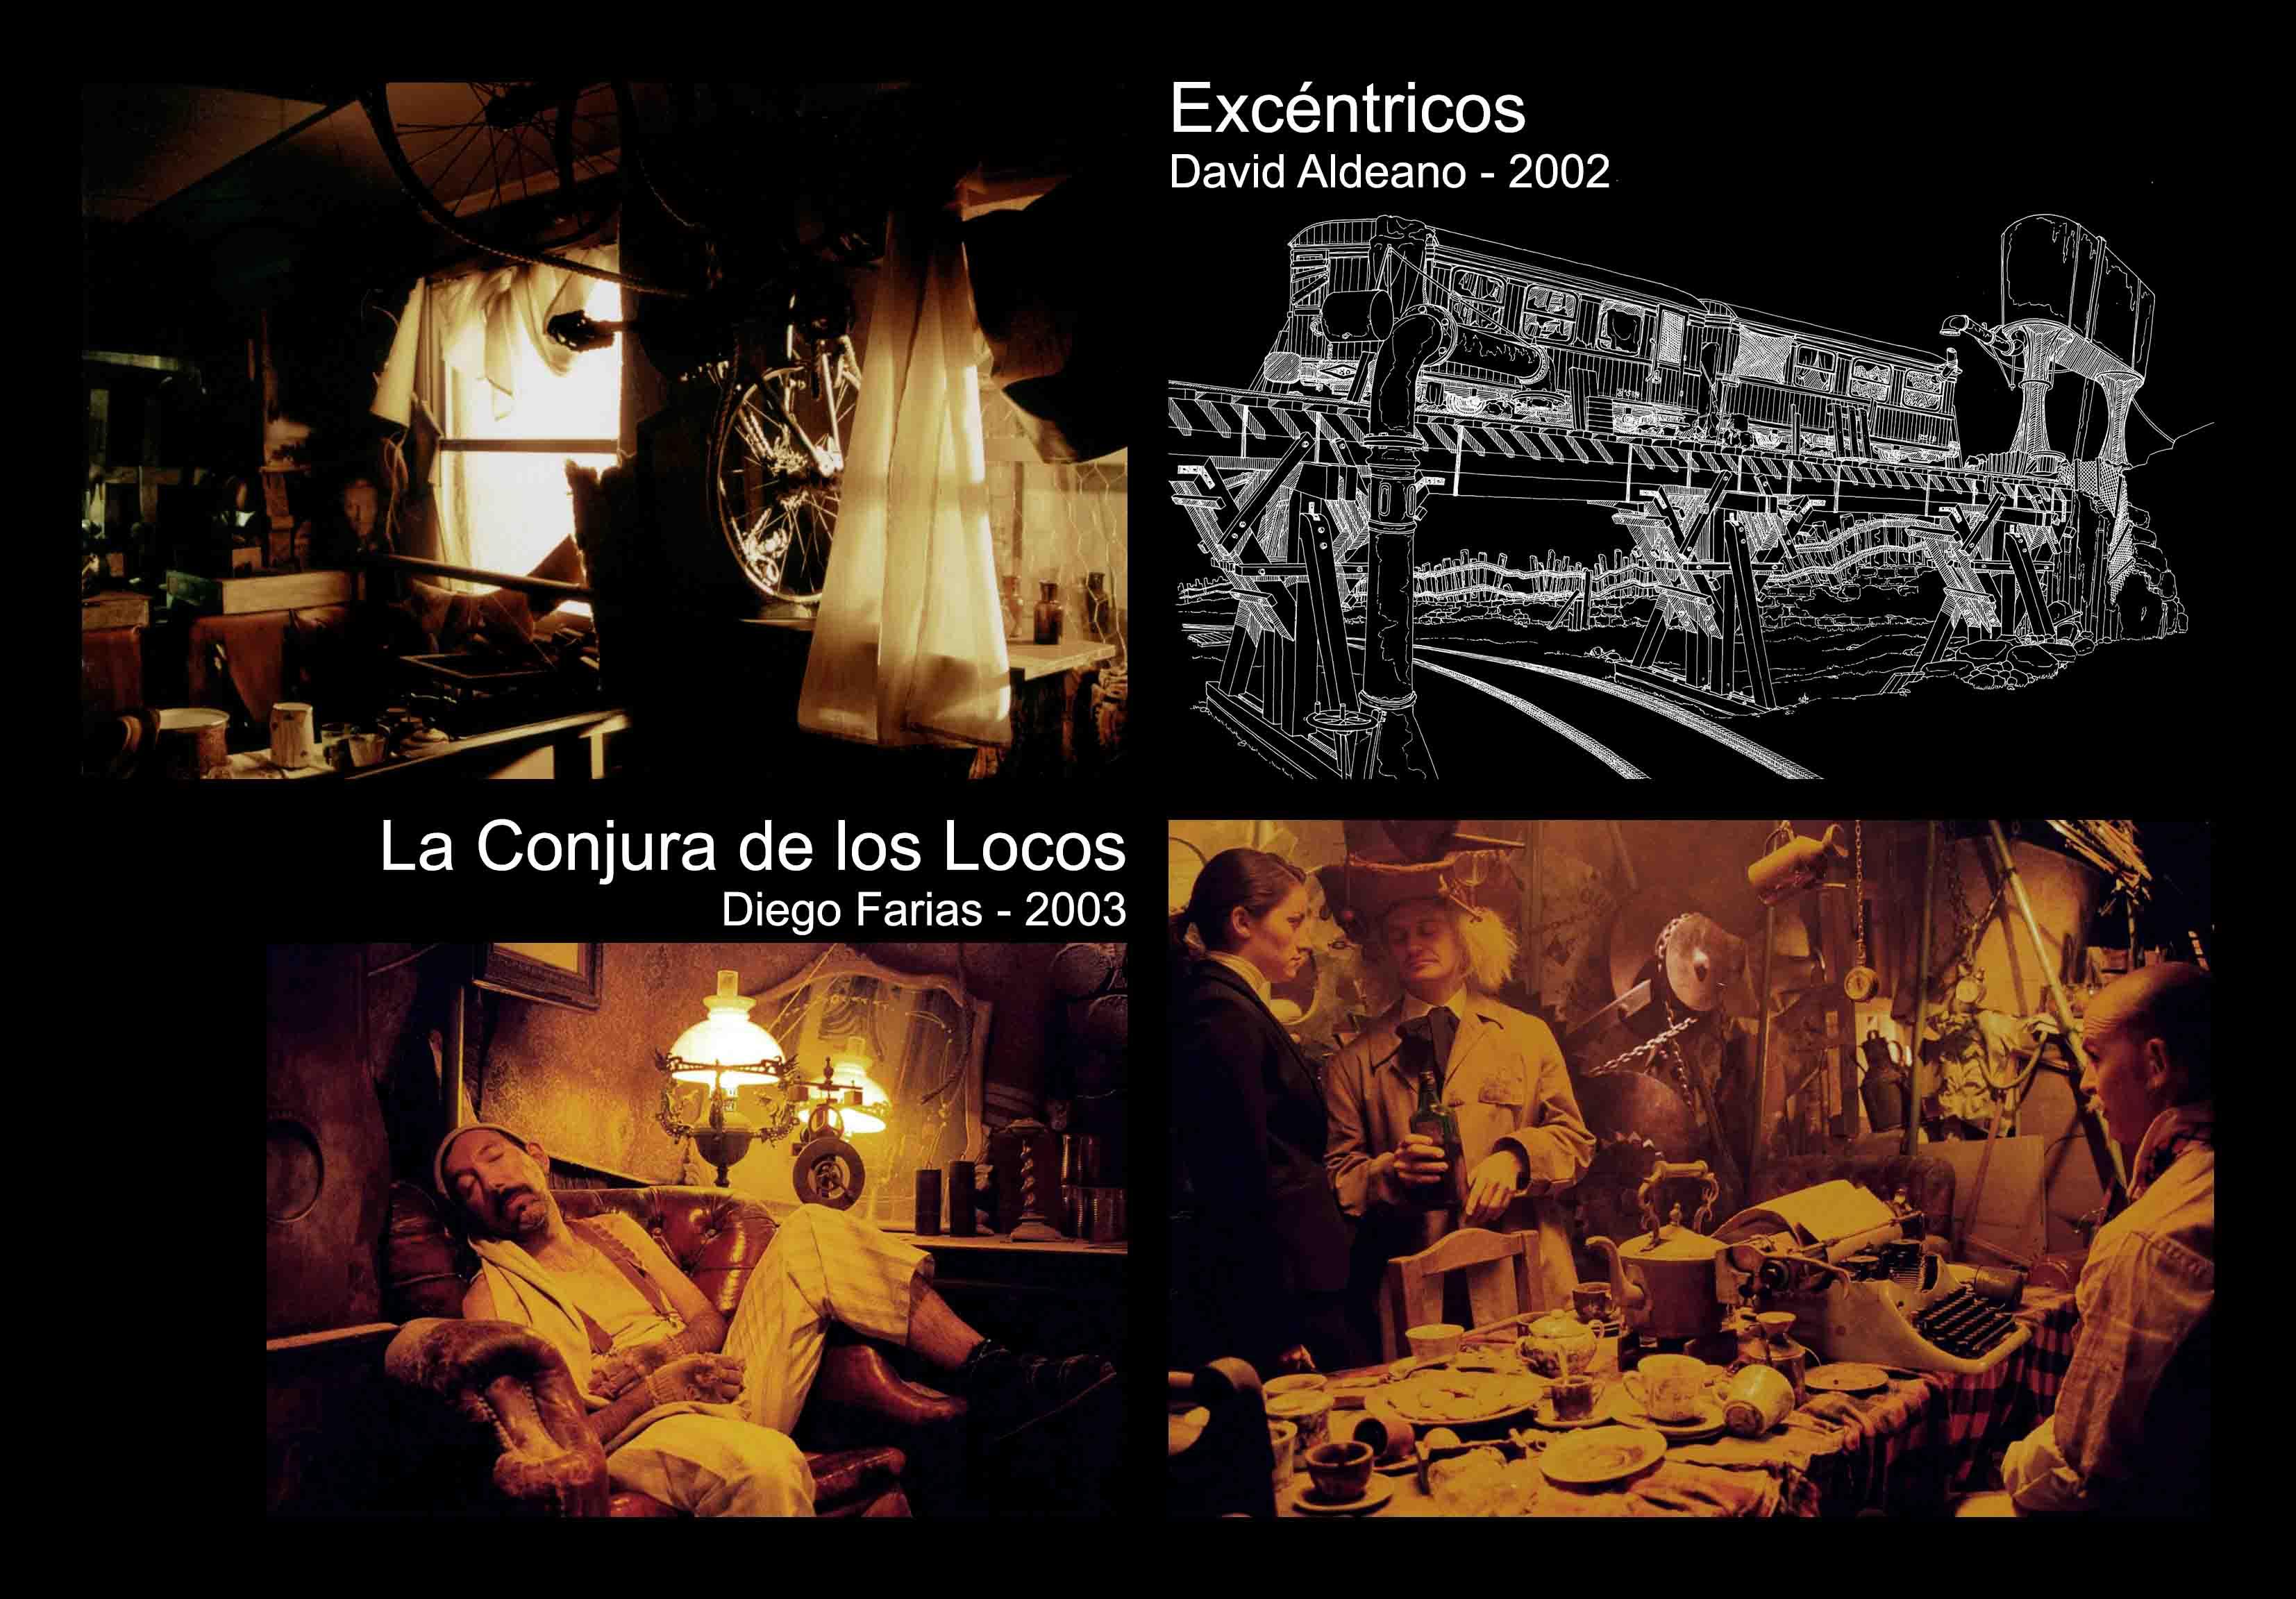 David Temprano c2002-2003 Excentricos, La Conjura de los Locos 1